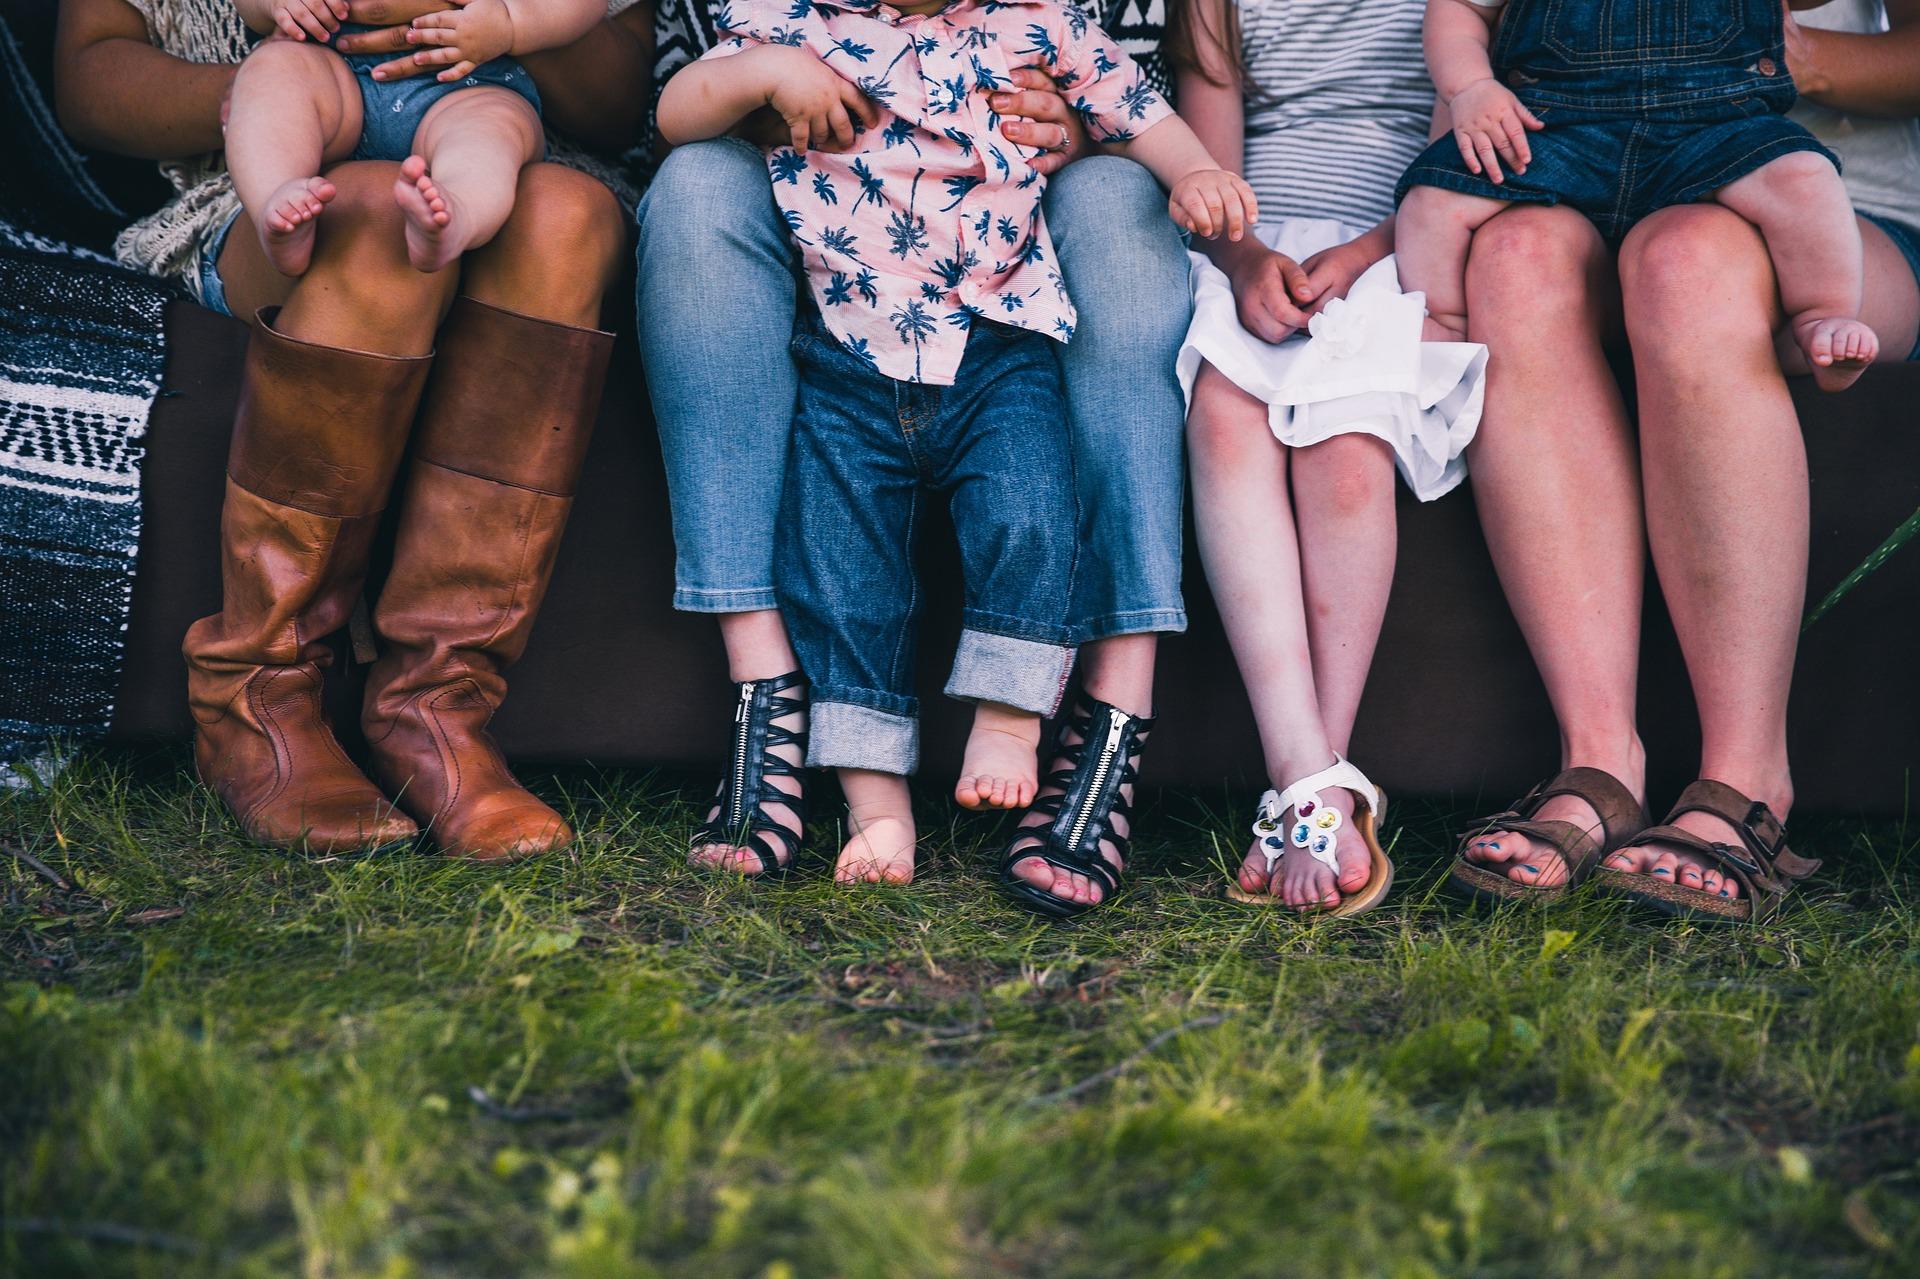 Zralá žena také může být krásná – jakou obuv by si měla vybrat, aby se cítila módně a pohodlně?